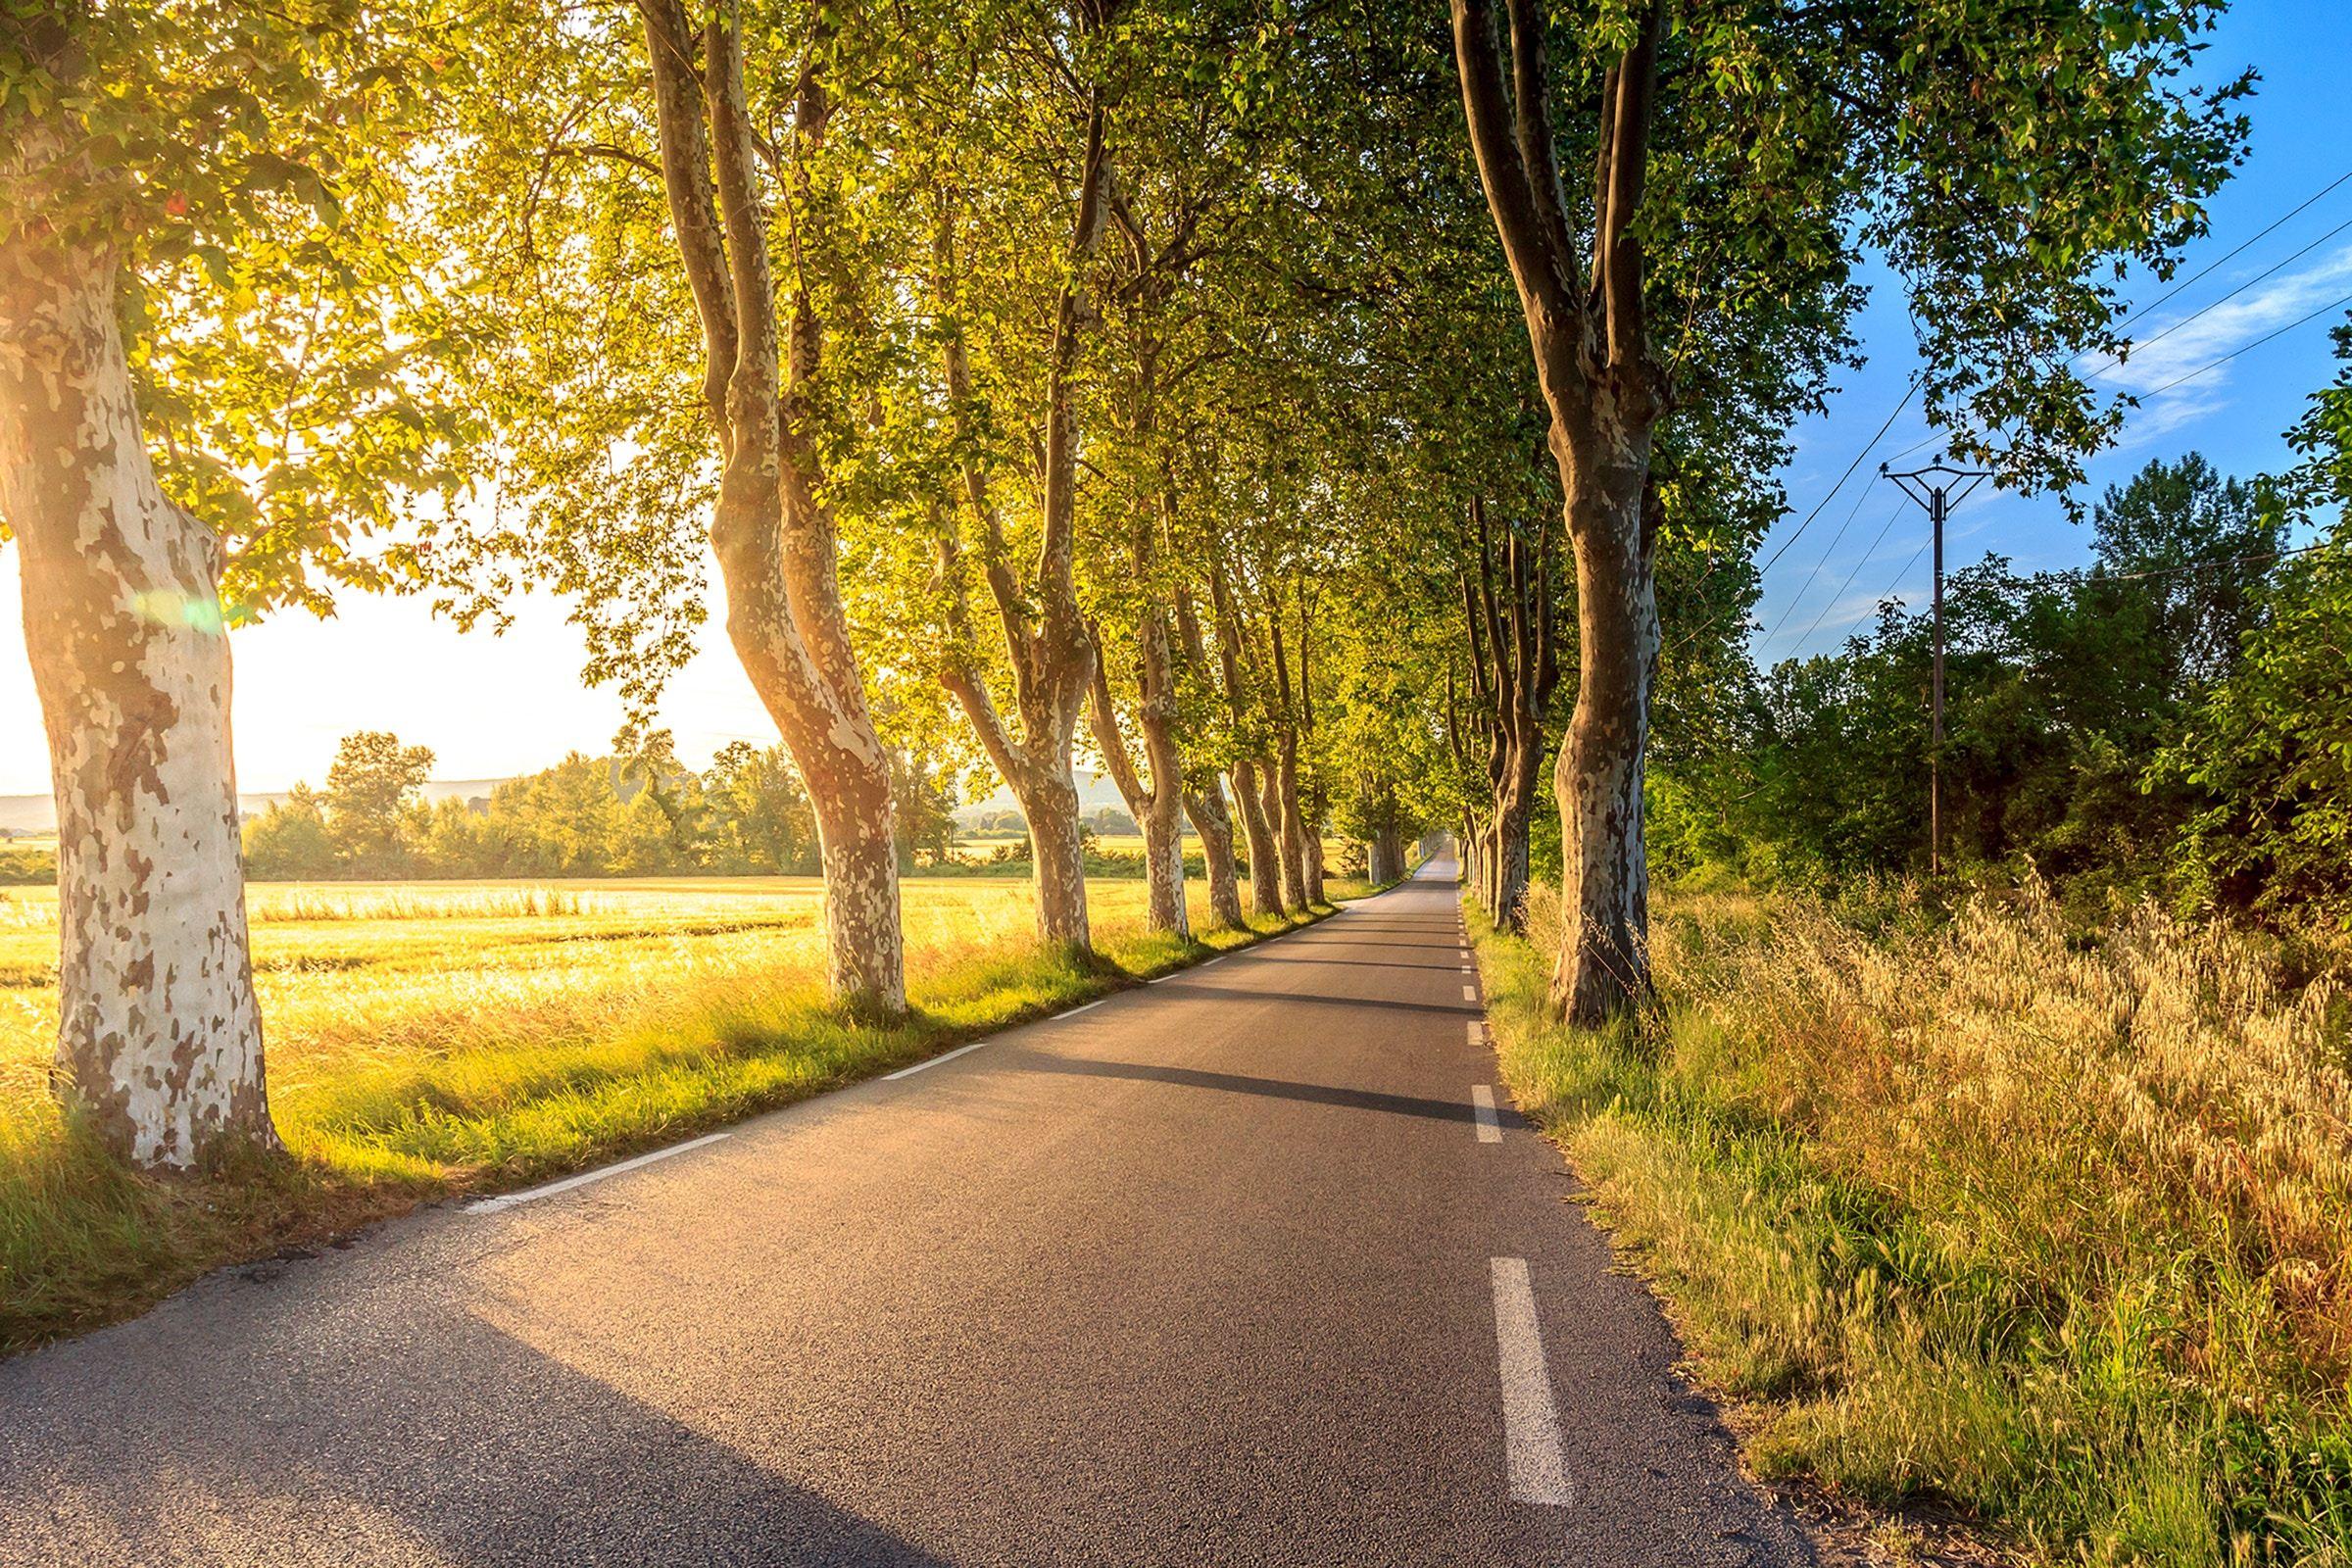 Bild von einer Strasse im Grünen, Sonnenschein